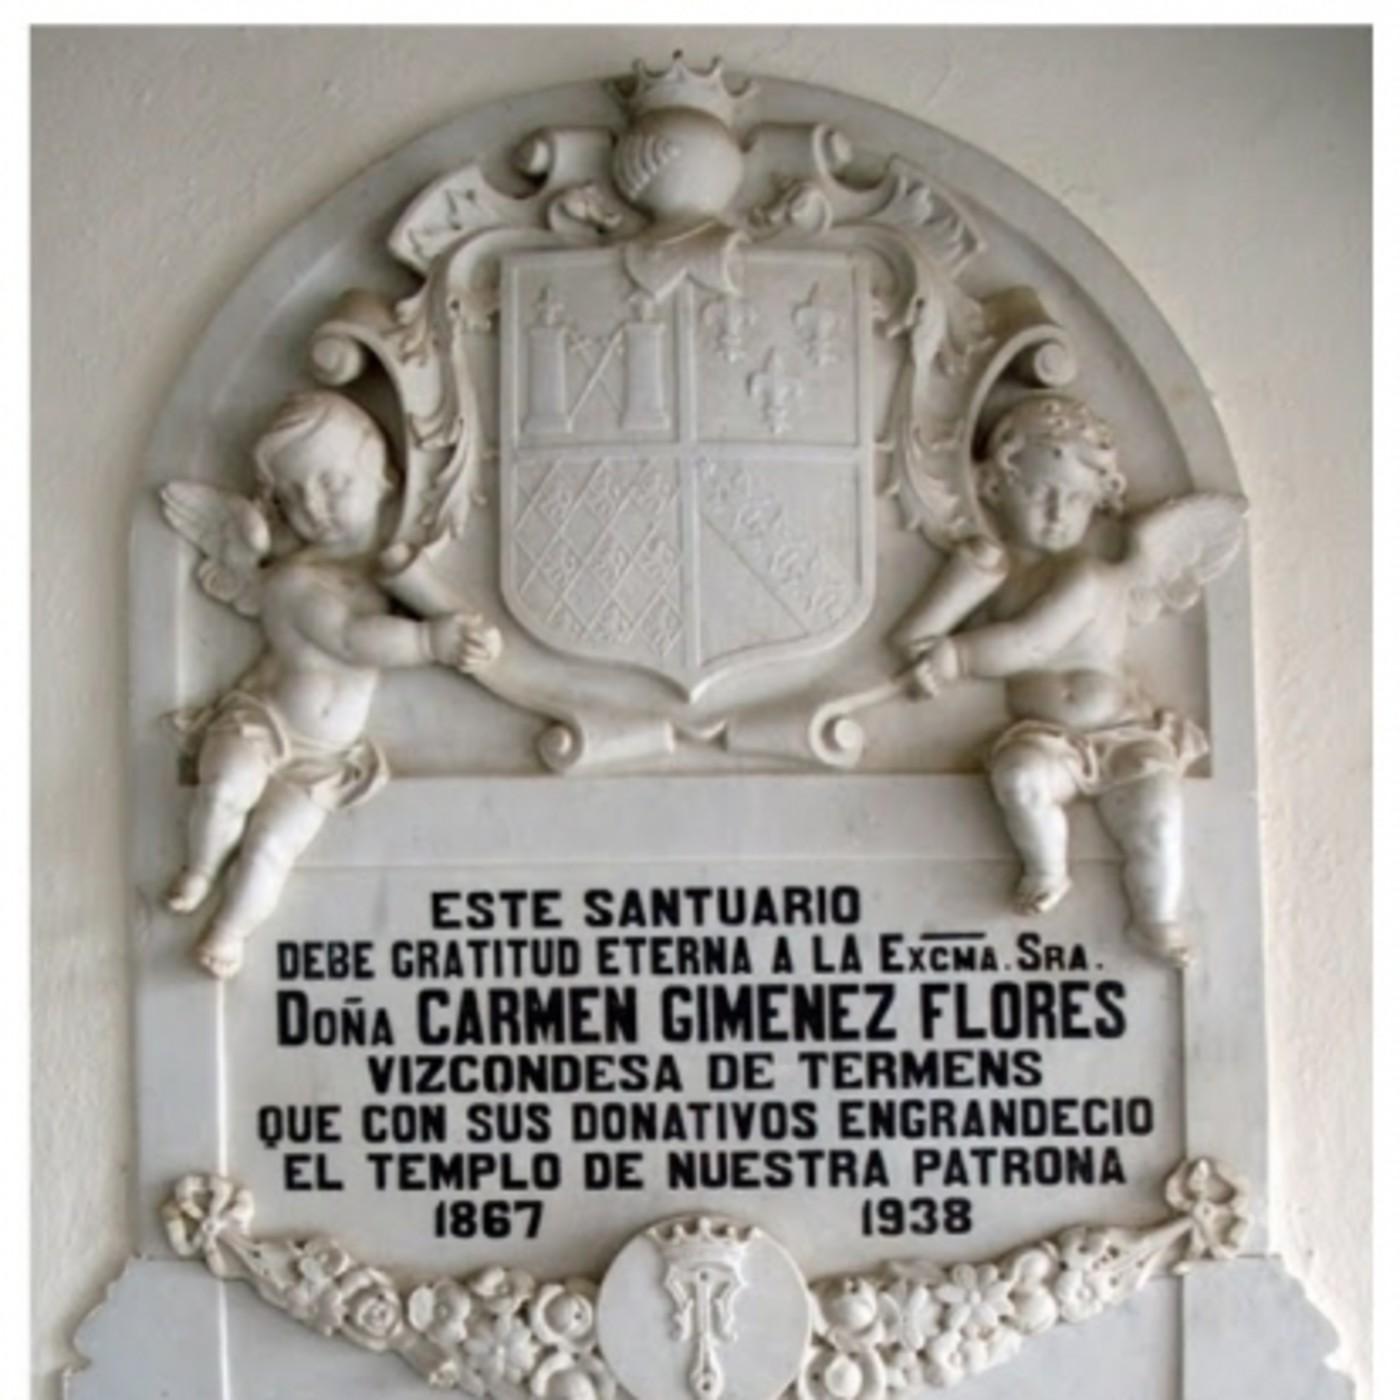 LA HISTORIA ENTRE LÍNEAS: La Vizcondesa de Termens y la Romería del Carmen en Cabra